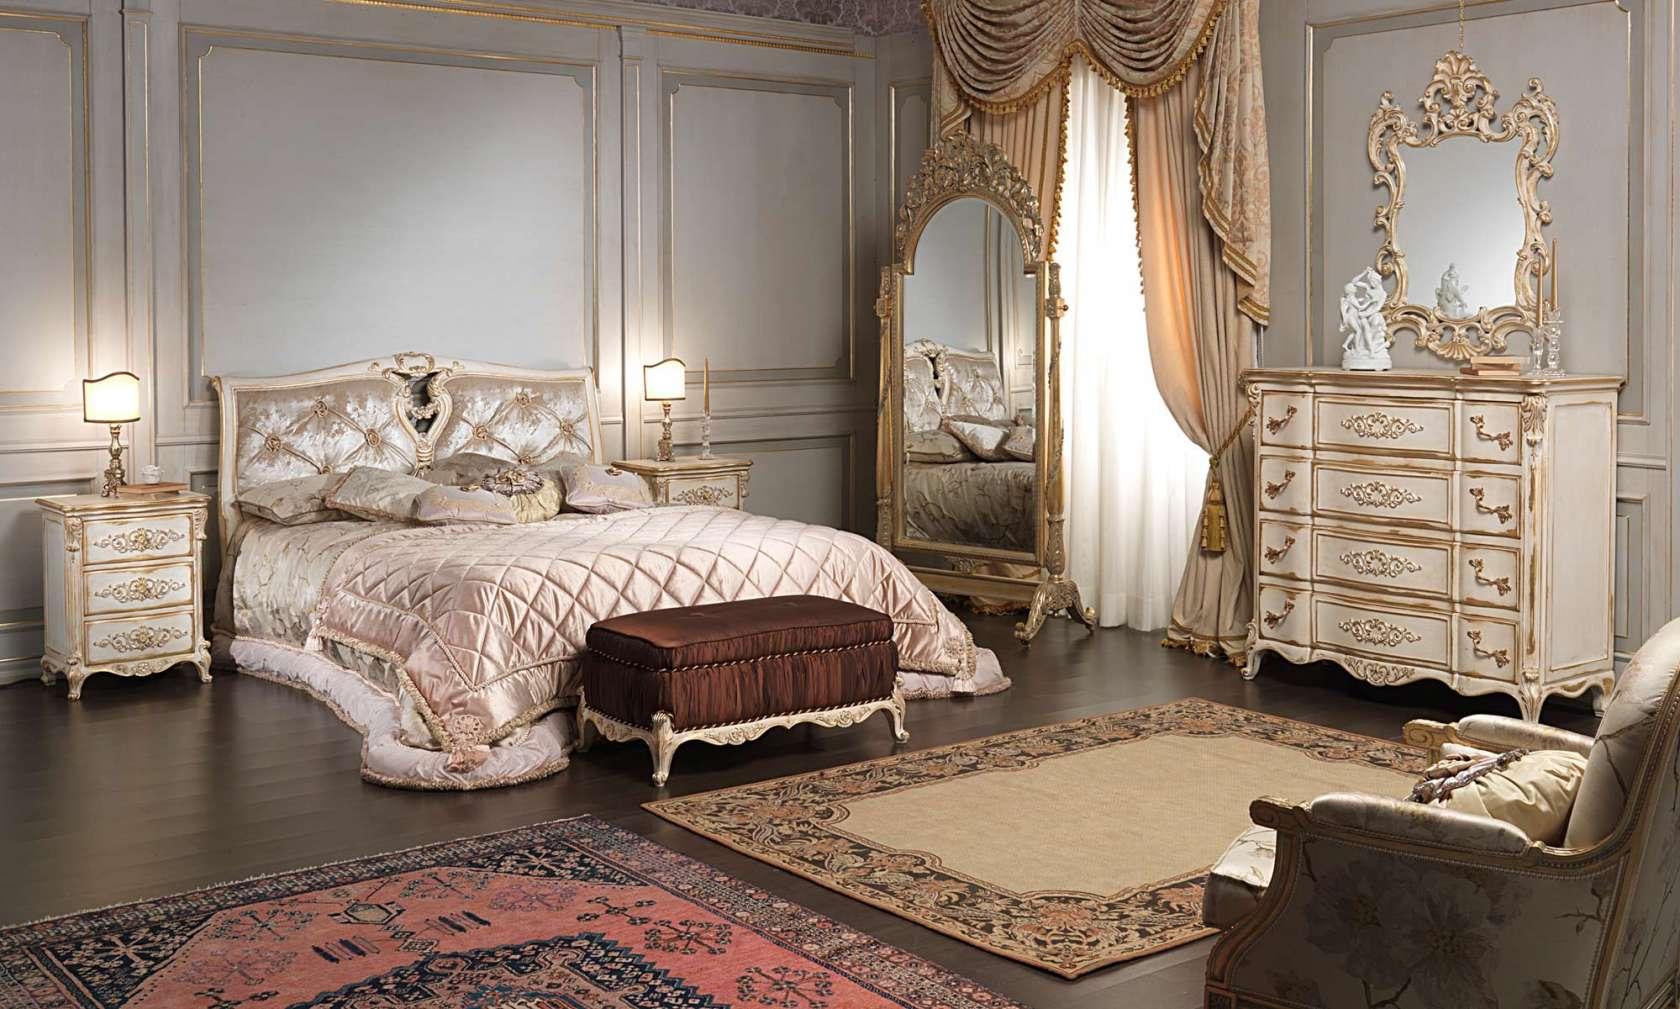 Camera da letto classica in stile Luigi XVI, letto, panca imbottita,  comodino,